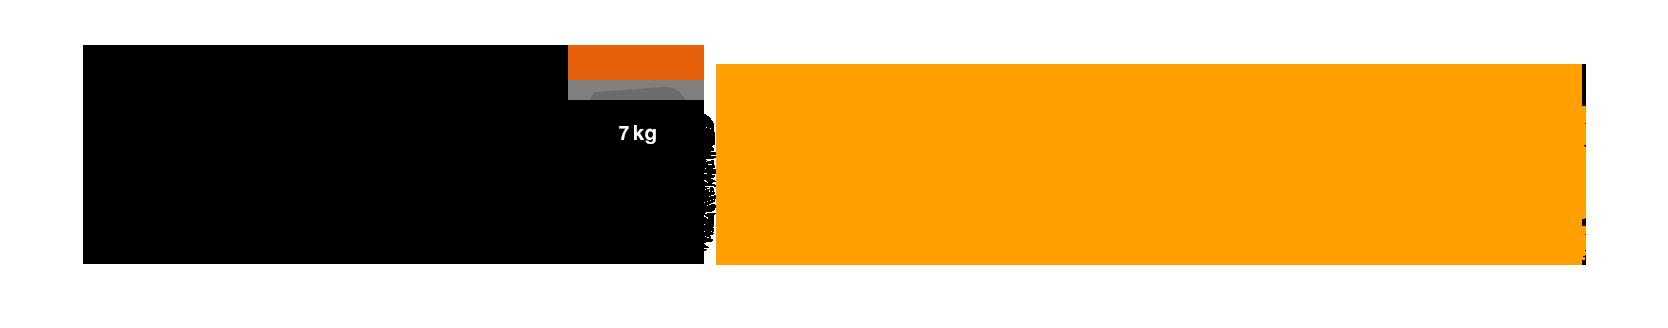 Workout nekoterran logo. Dumbbell clipart bent